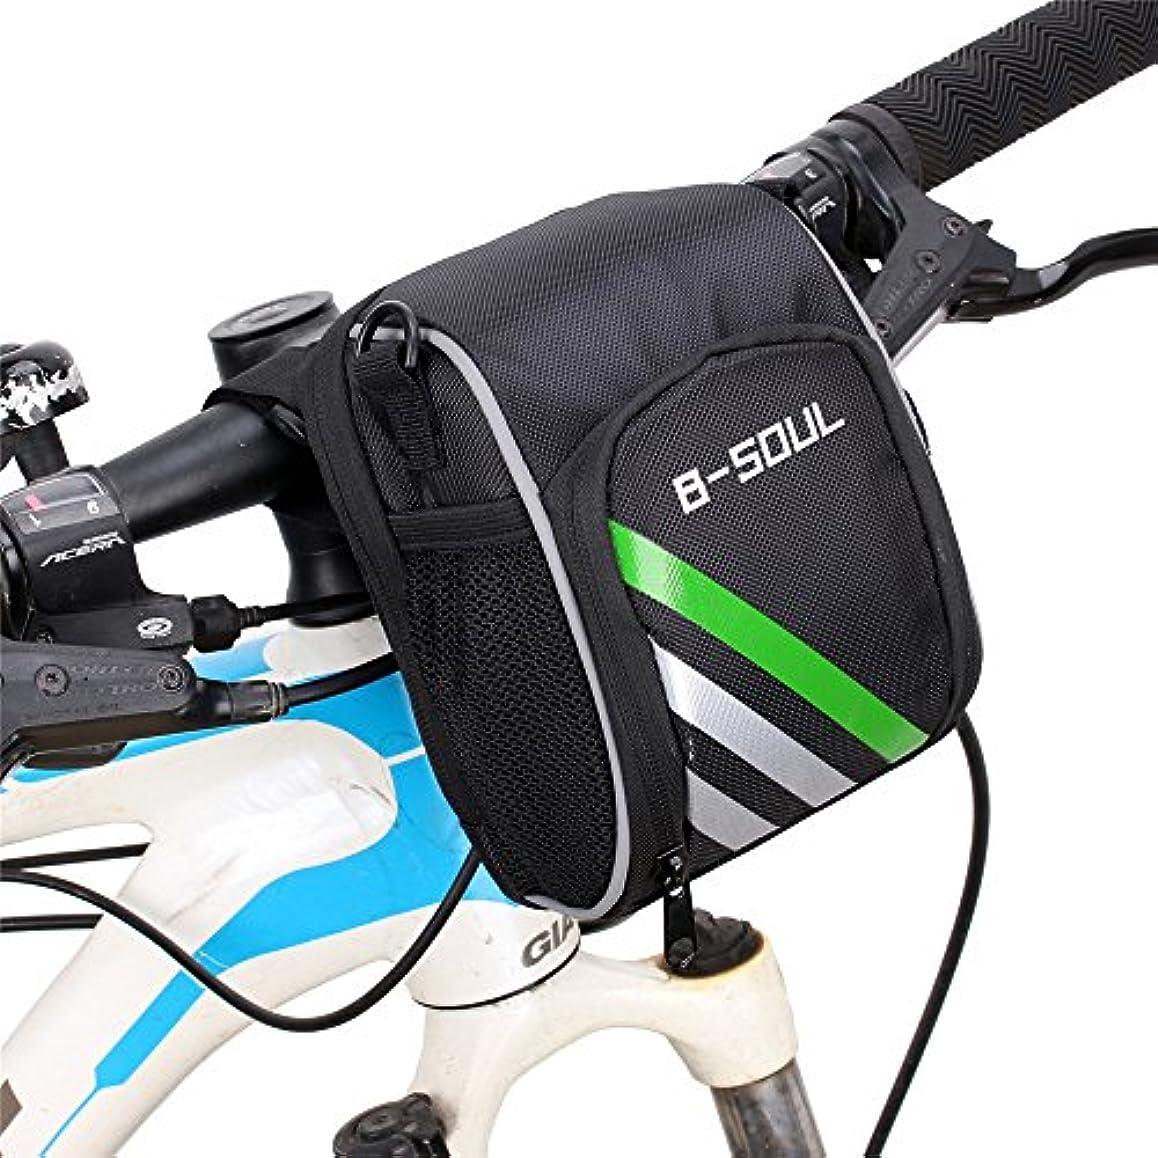 シャンパンイサカ気を散らす自転車MTBハンドルバッグ、防水マウンテンバイクポーチ多機能バイクバッグ、取り外し可能なストラップと大人と子供のための防水カバー 坚しっかり大容量